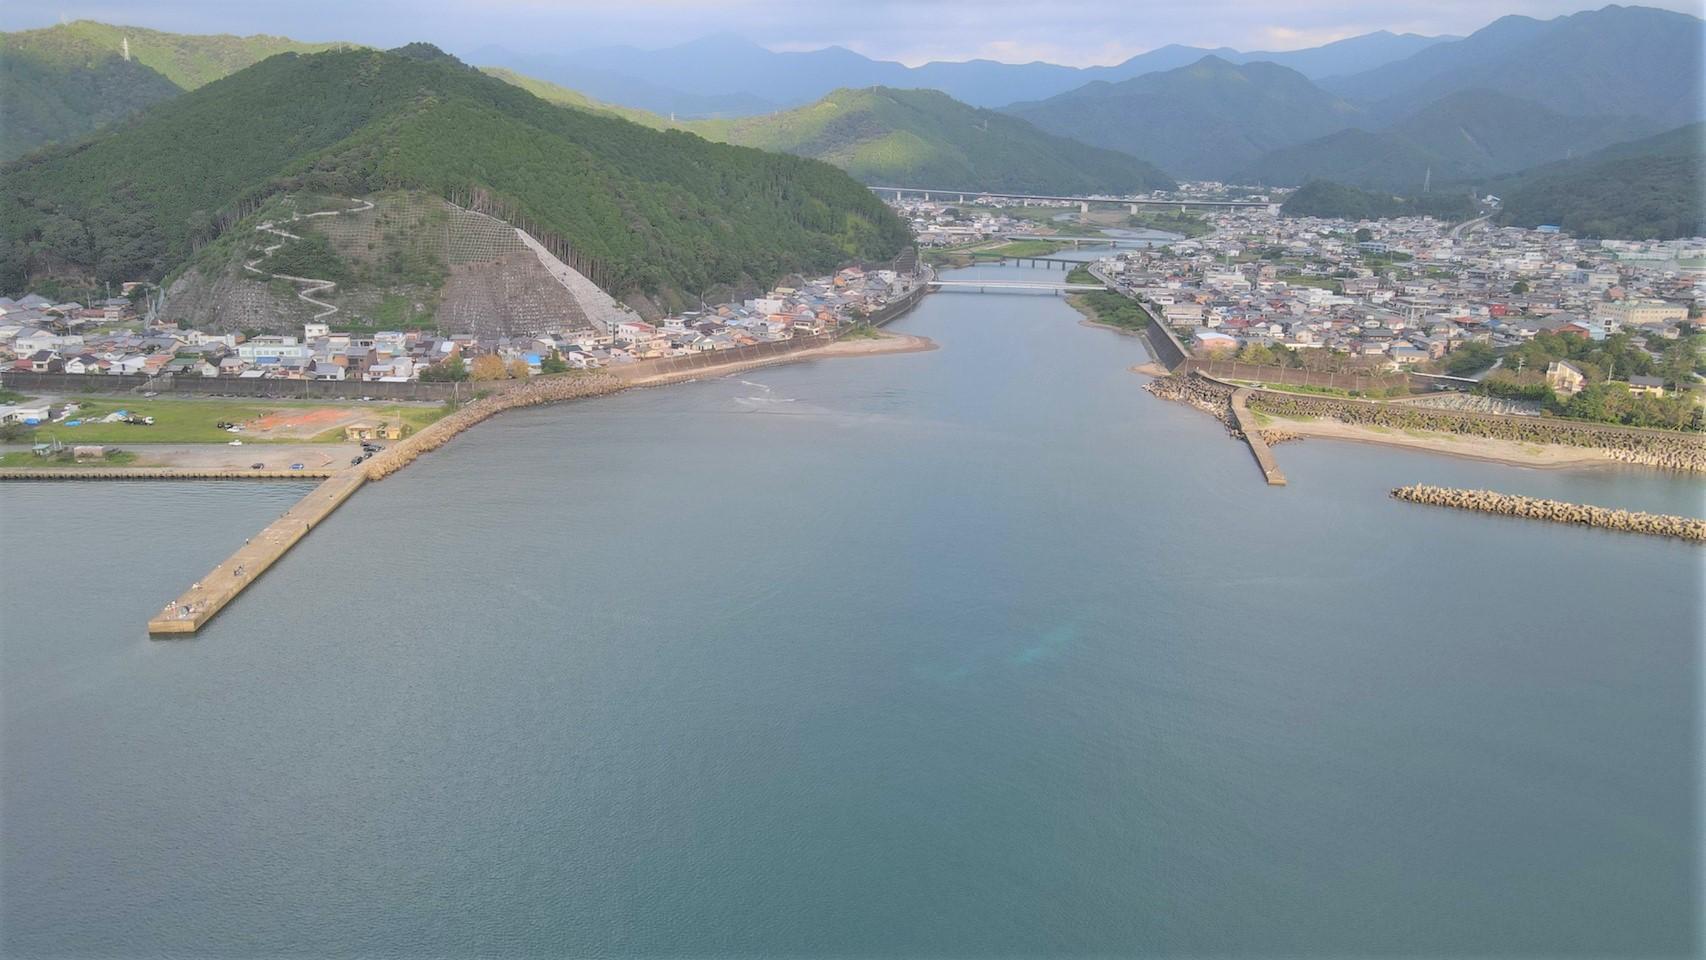 【三重県紀北町|大人気!】『紀伊長島港』の海釣りガイド(釣れる魚・駐車場・トイレ)